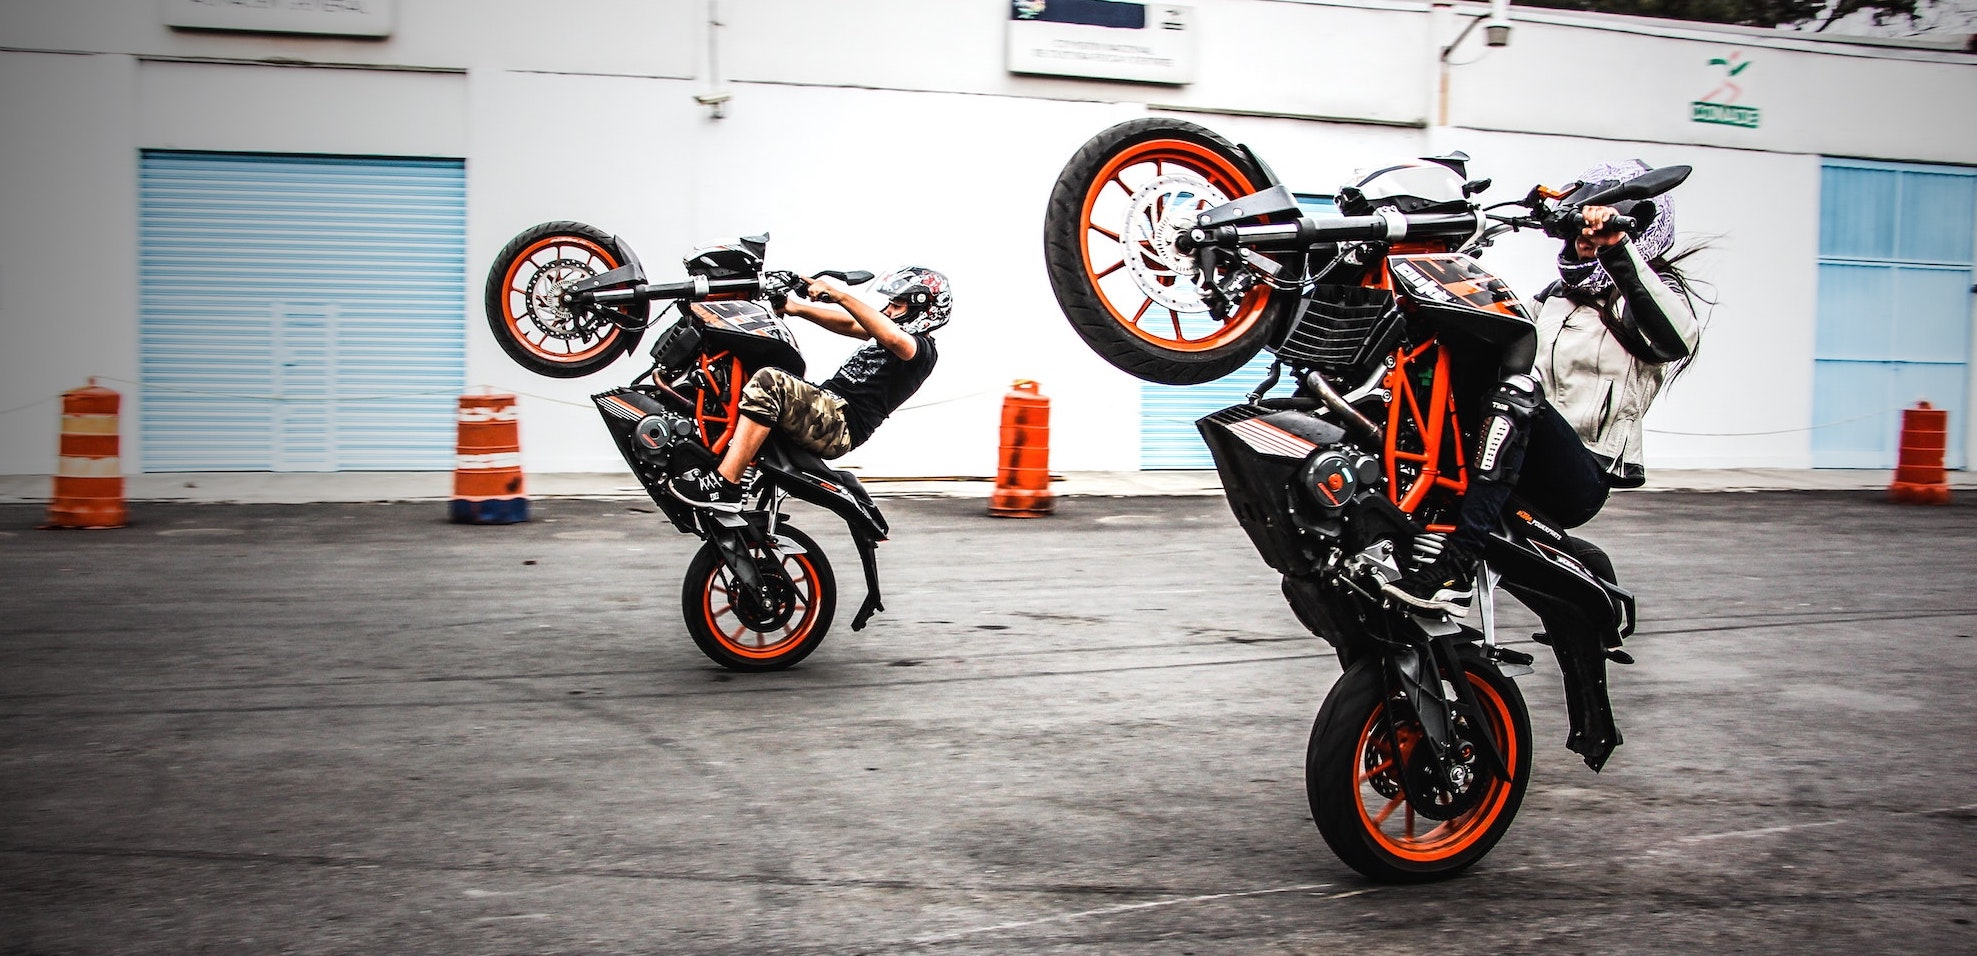 Motor evenementen in Nederland